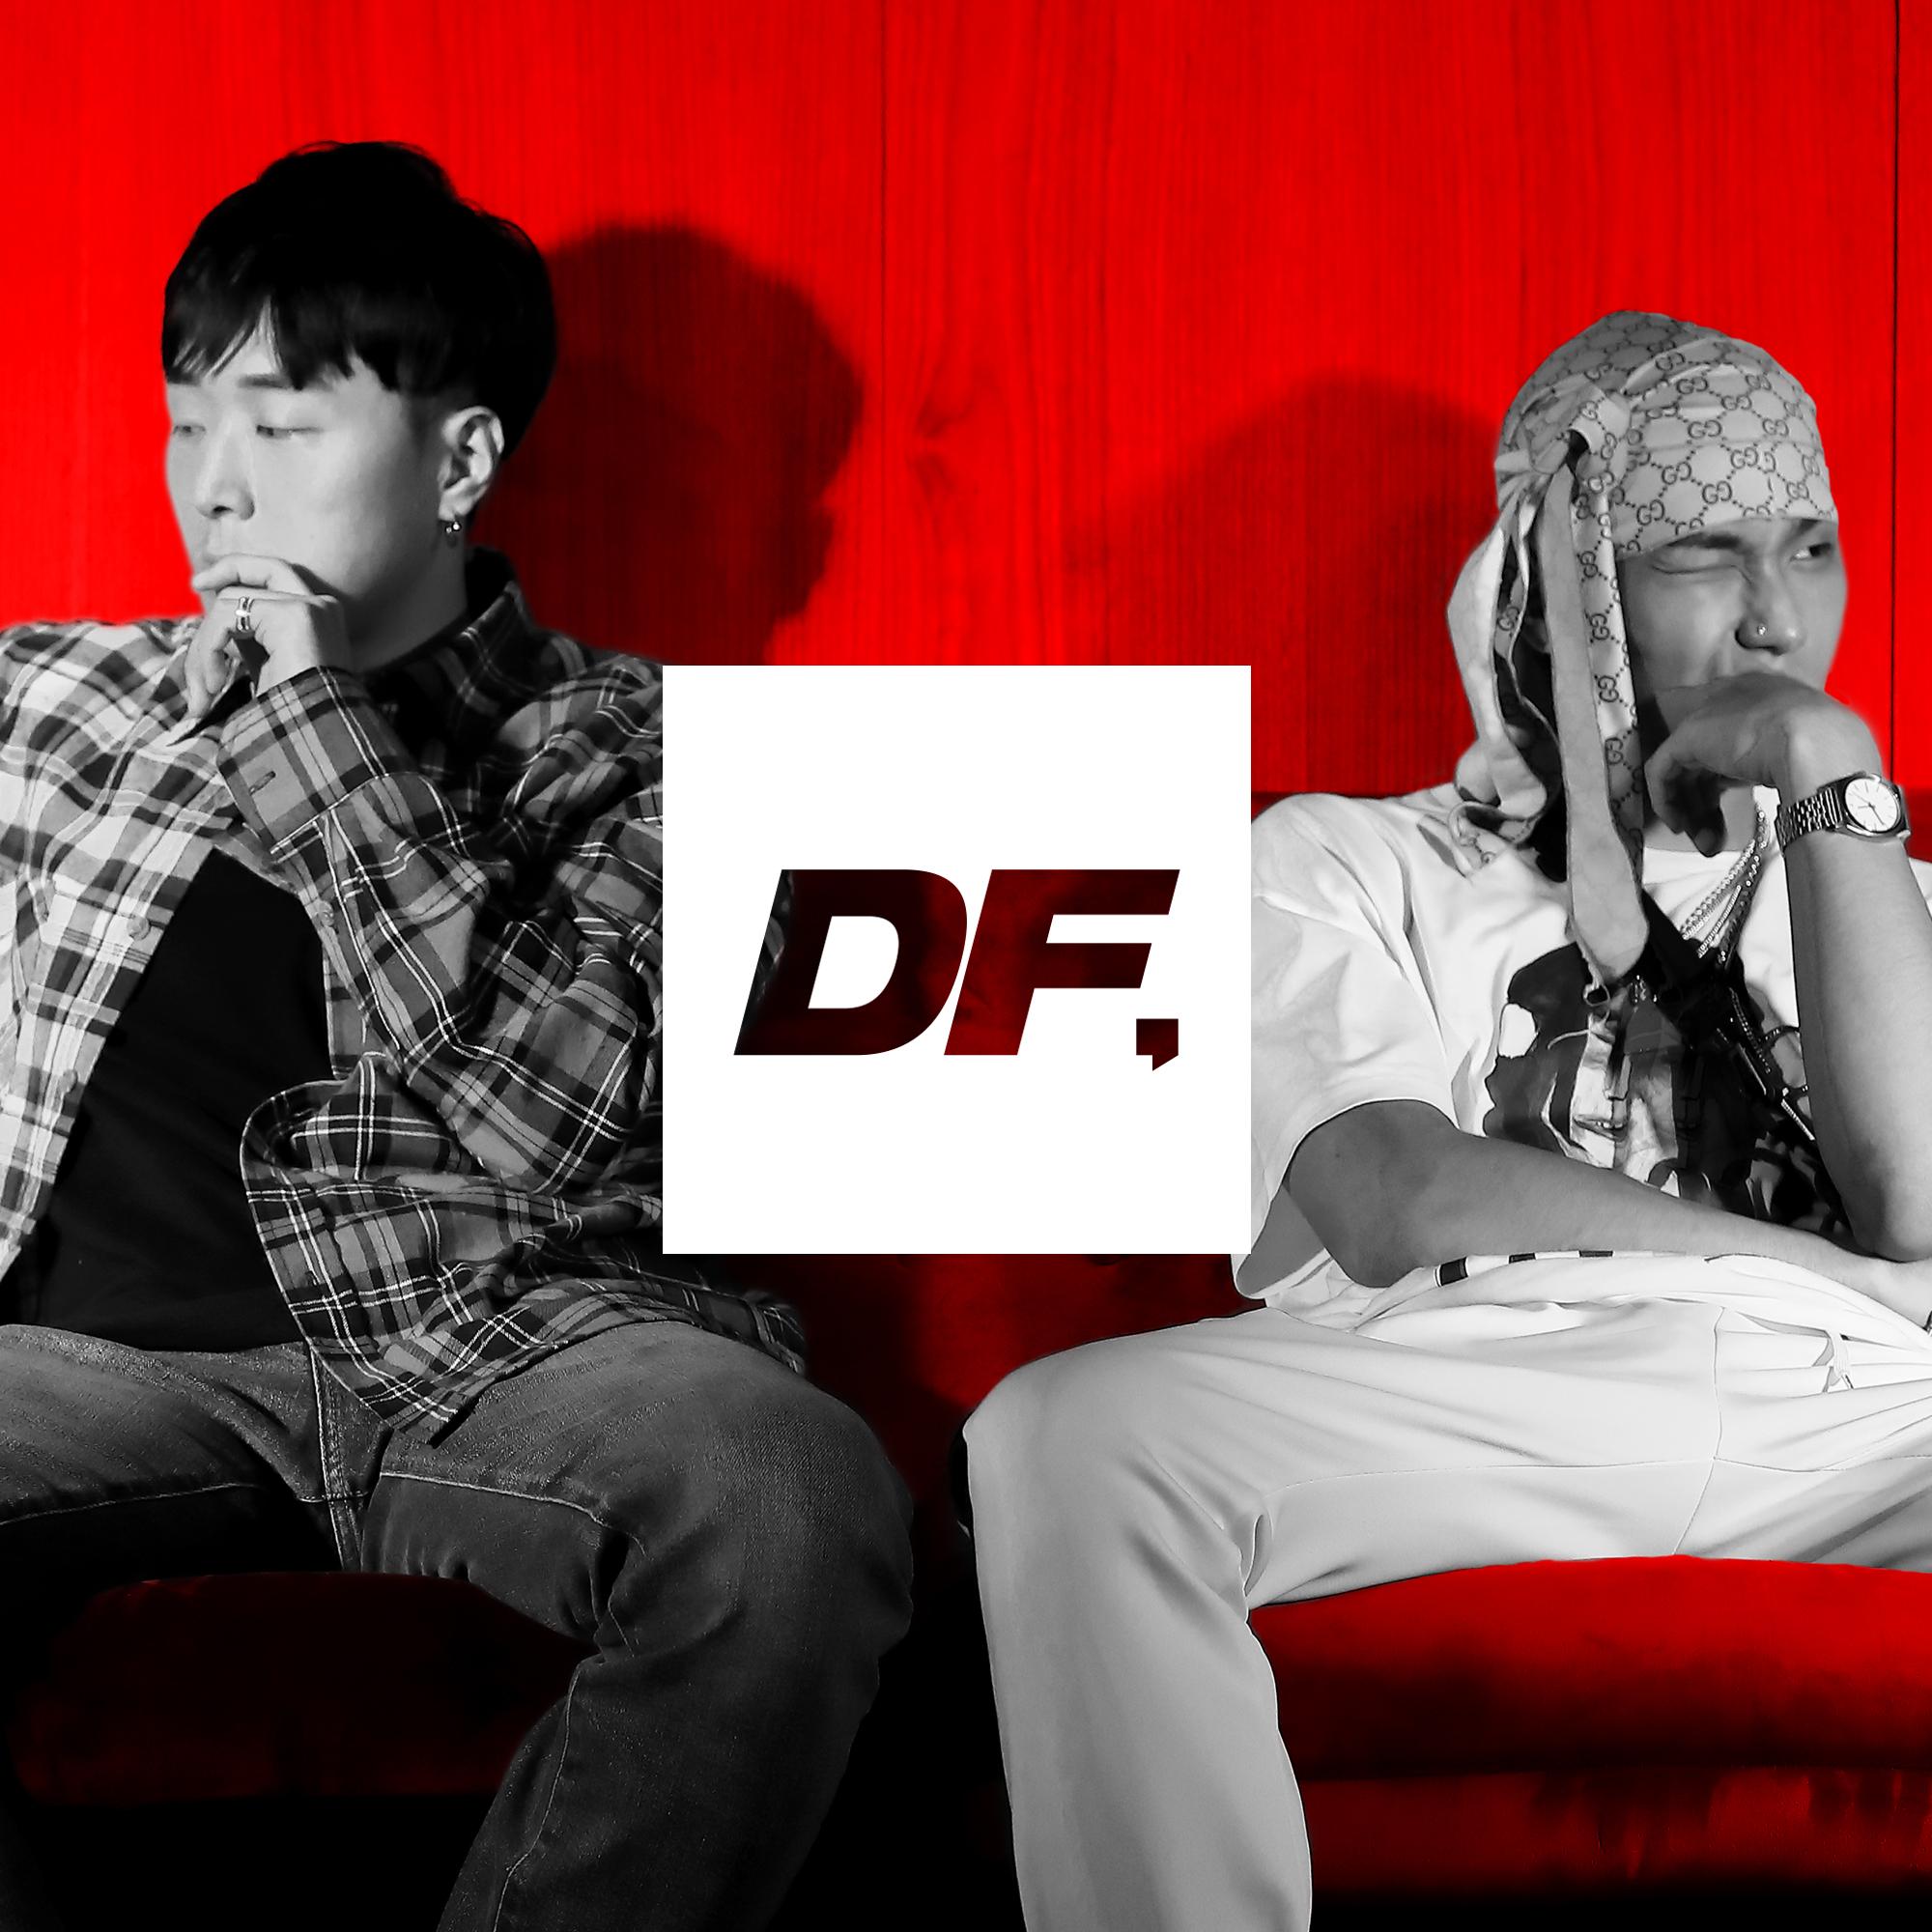 Dingo X H1GHR Music (Sik-K, pH-1, & Jay Park)